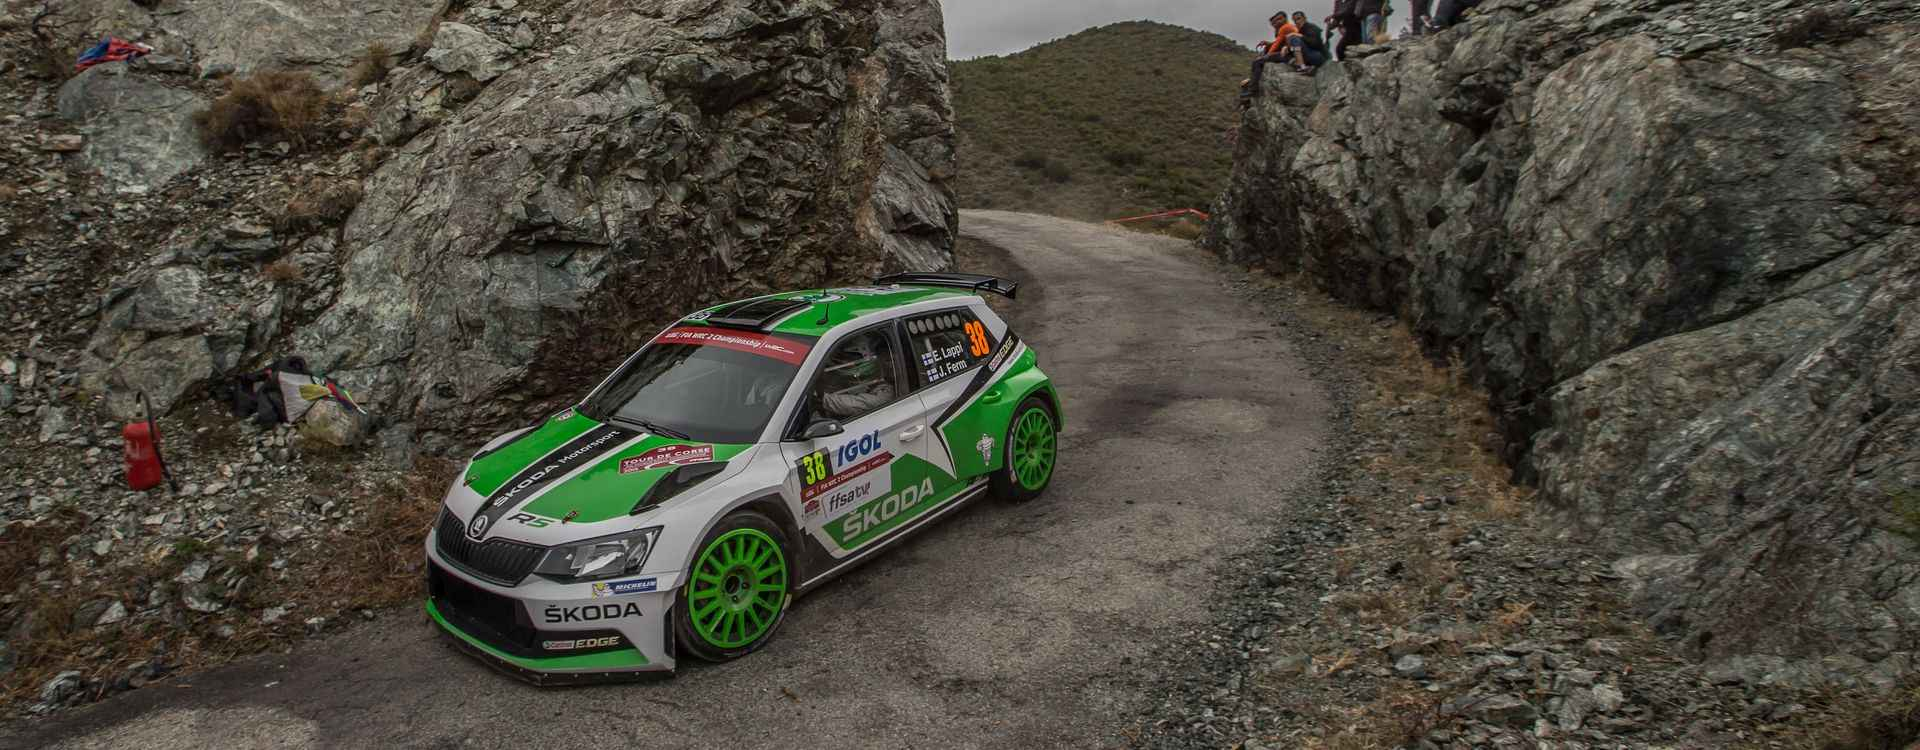 Rallye de France – Tour de Corse